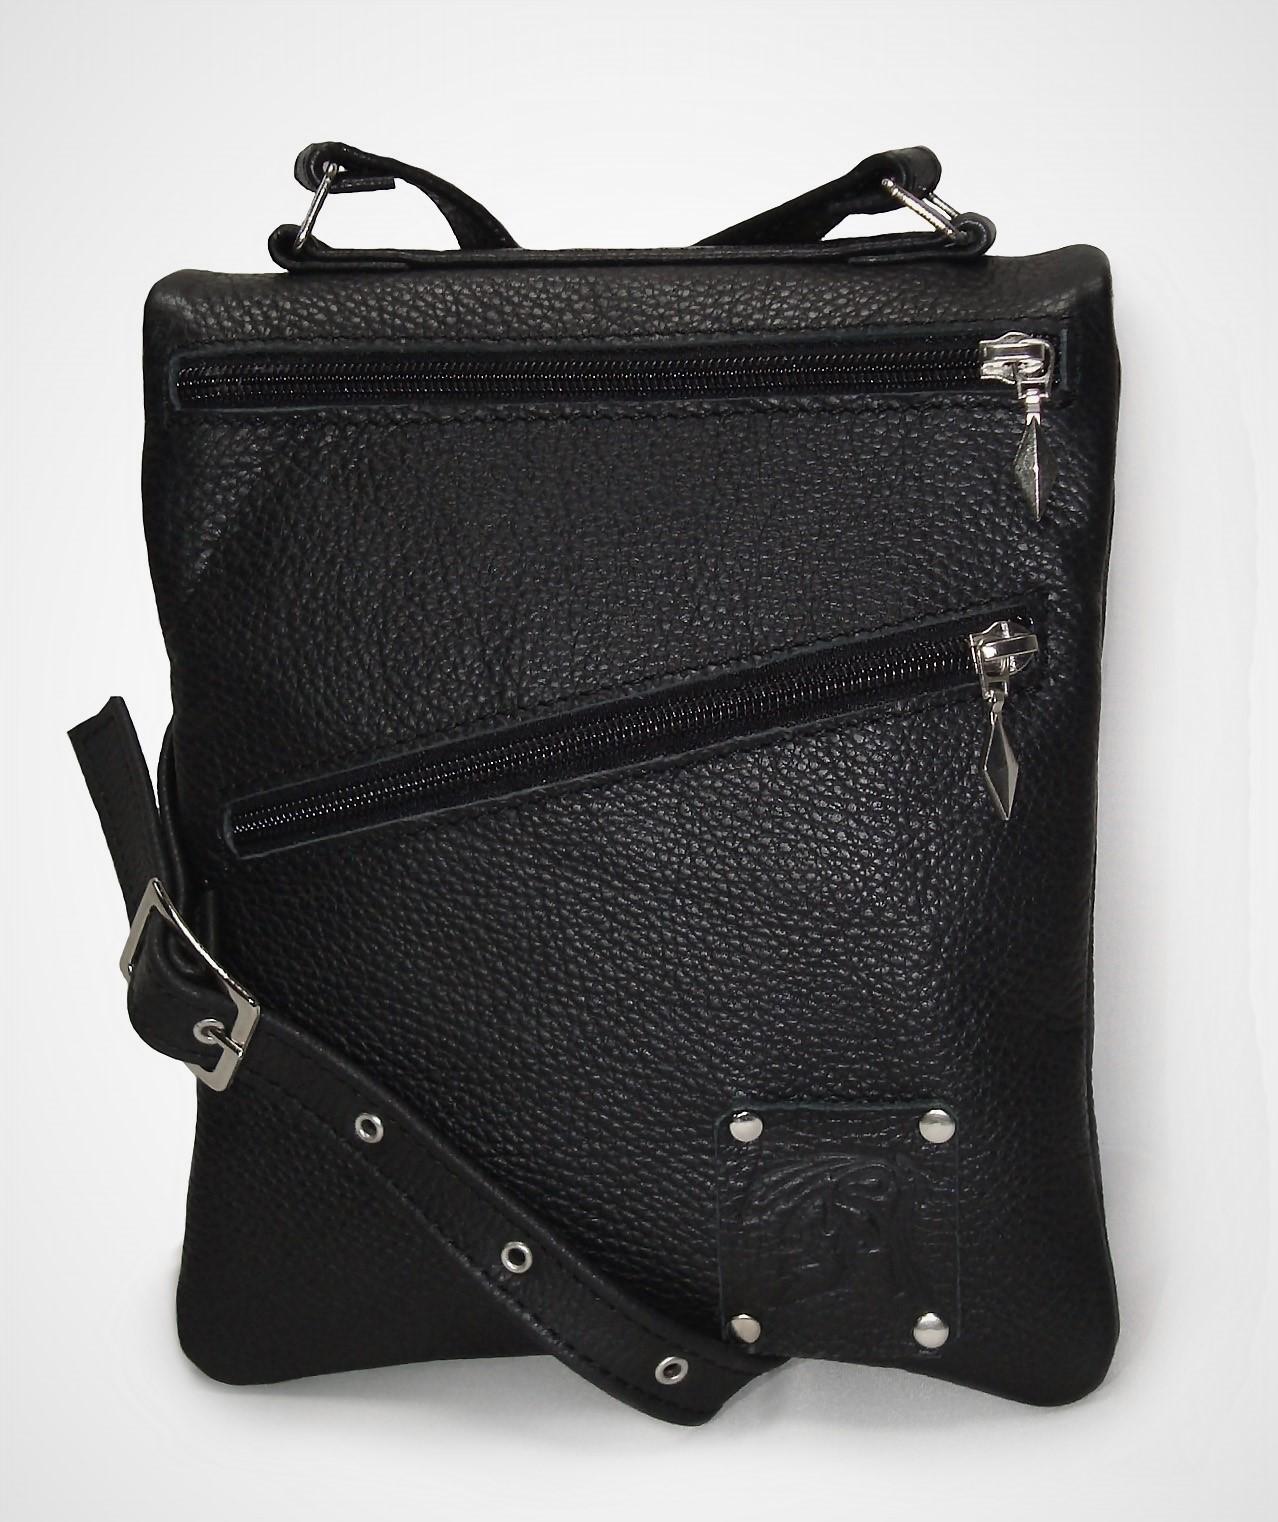 Сумка Модель №8Сумки и др. изделия из кожи<br>Высота сумки: 24 см <br>Ширина сумки: 20 см <br>Длинна ремня: 120 см<br><br>Тип: Сумка<br>Размер: -<br>Материал: Натуральная кожа